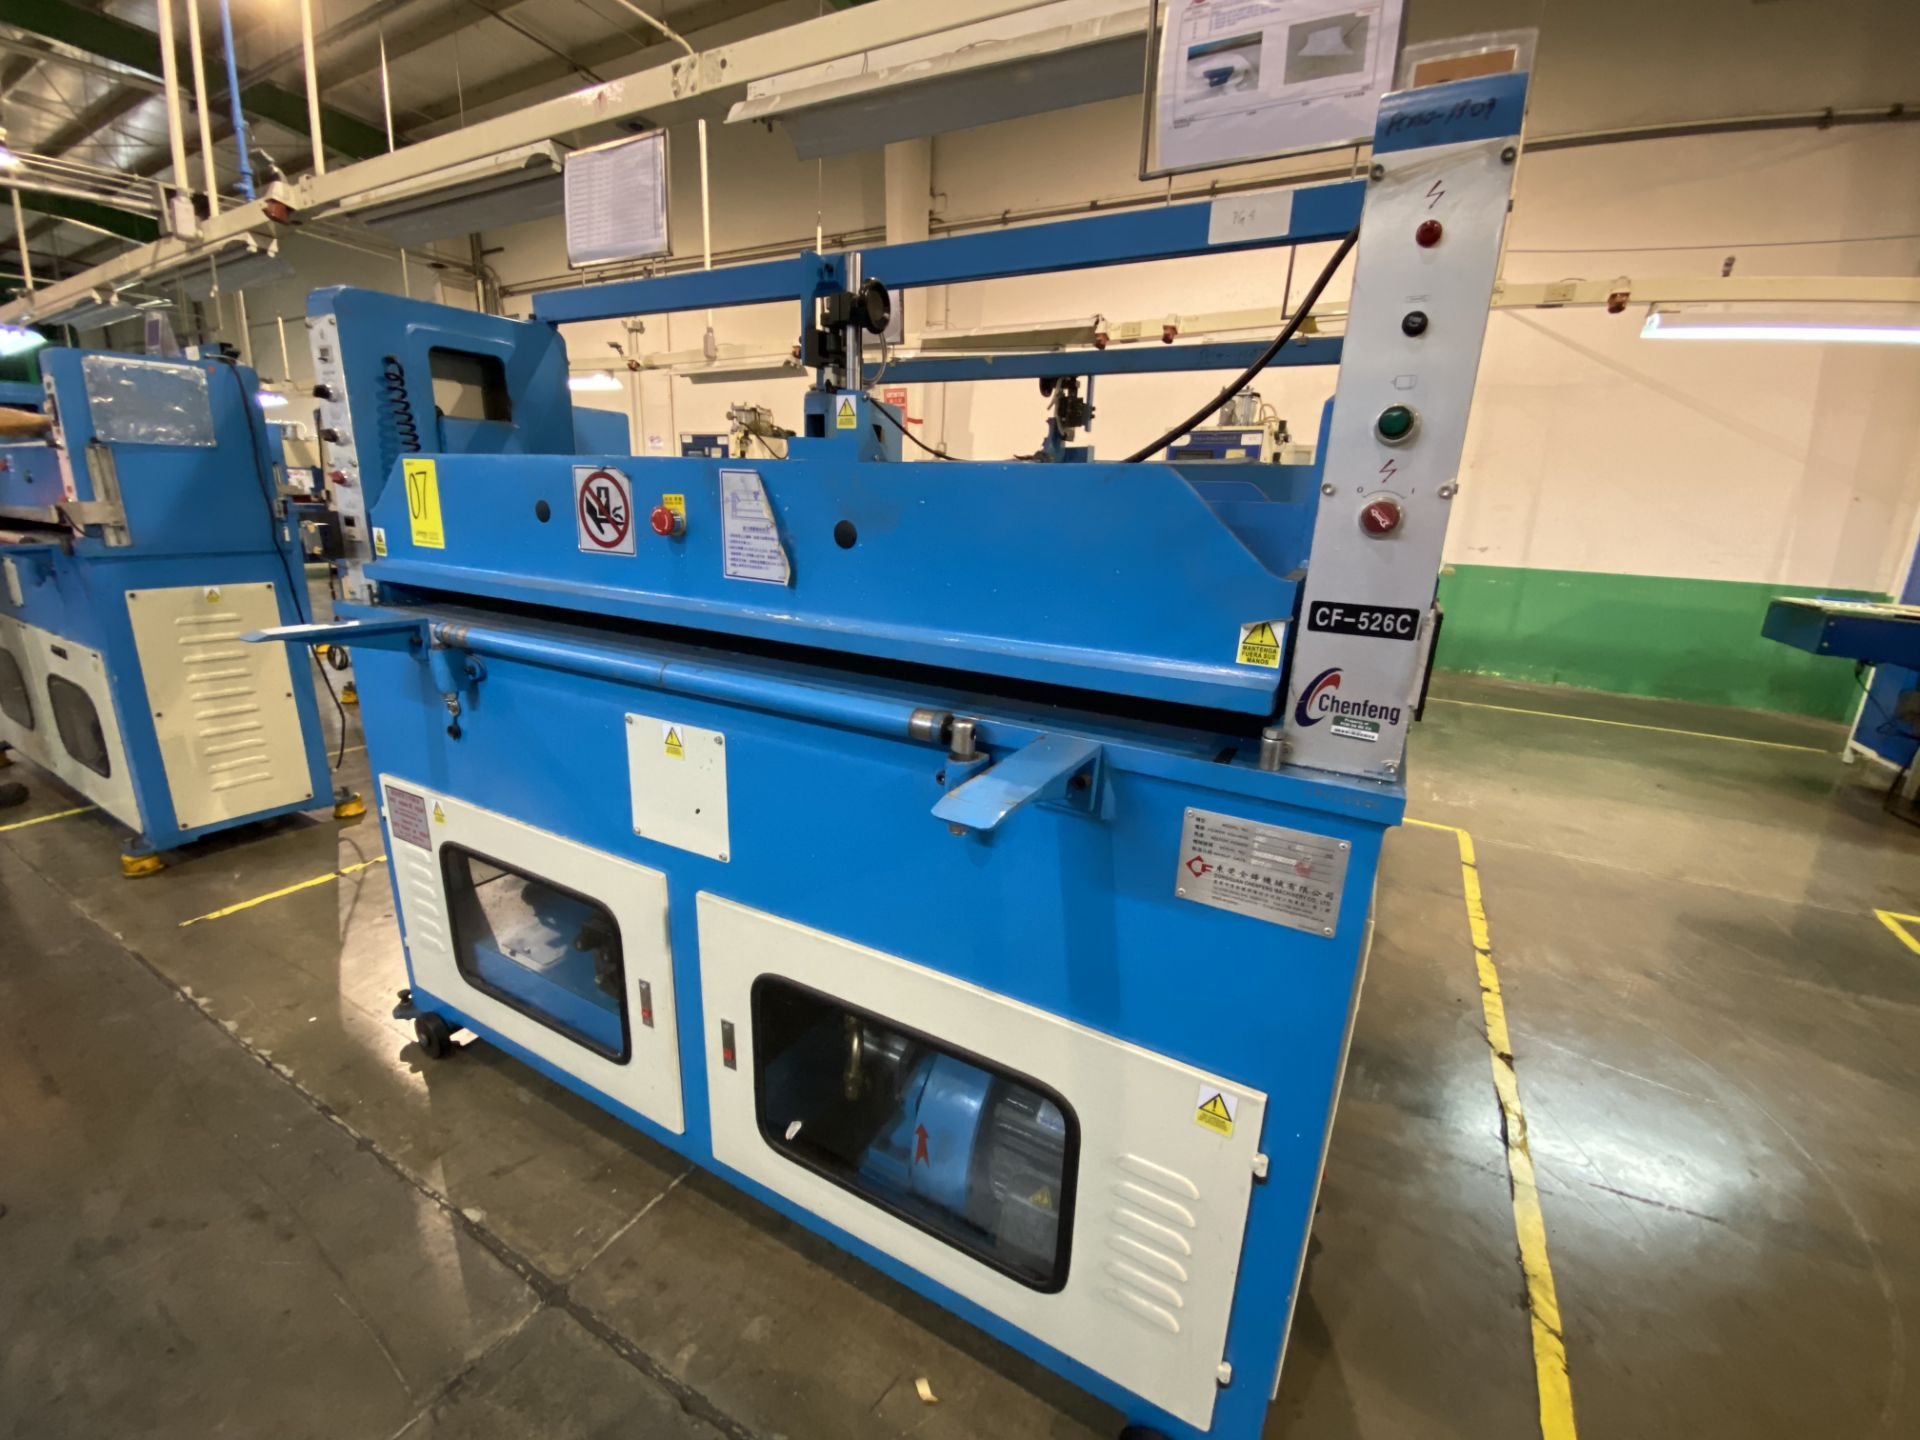 Lot 7 - (2) Prensas de corte hidráulica plana, marca Chenfeng, Modelo: CF-526BT, CF-526C Favor de inspeccion